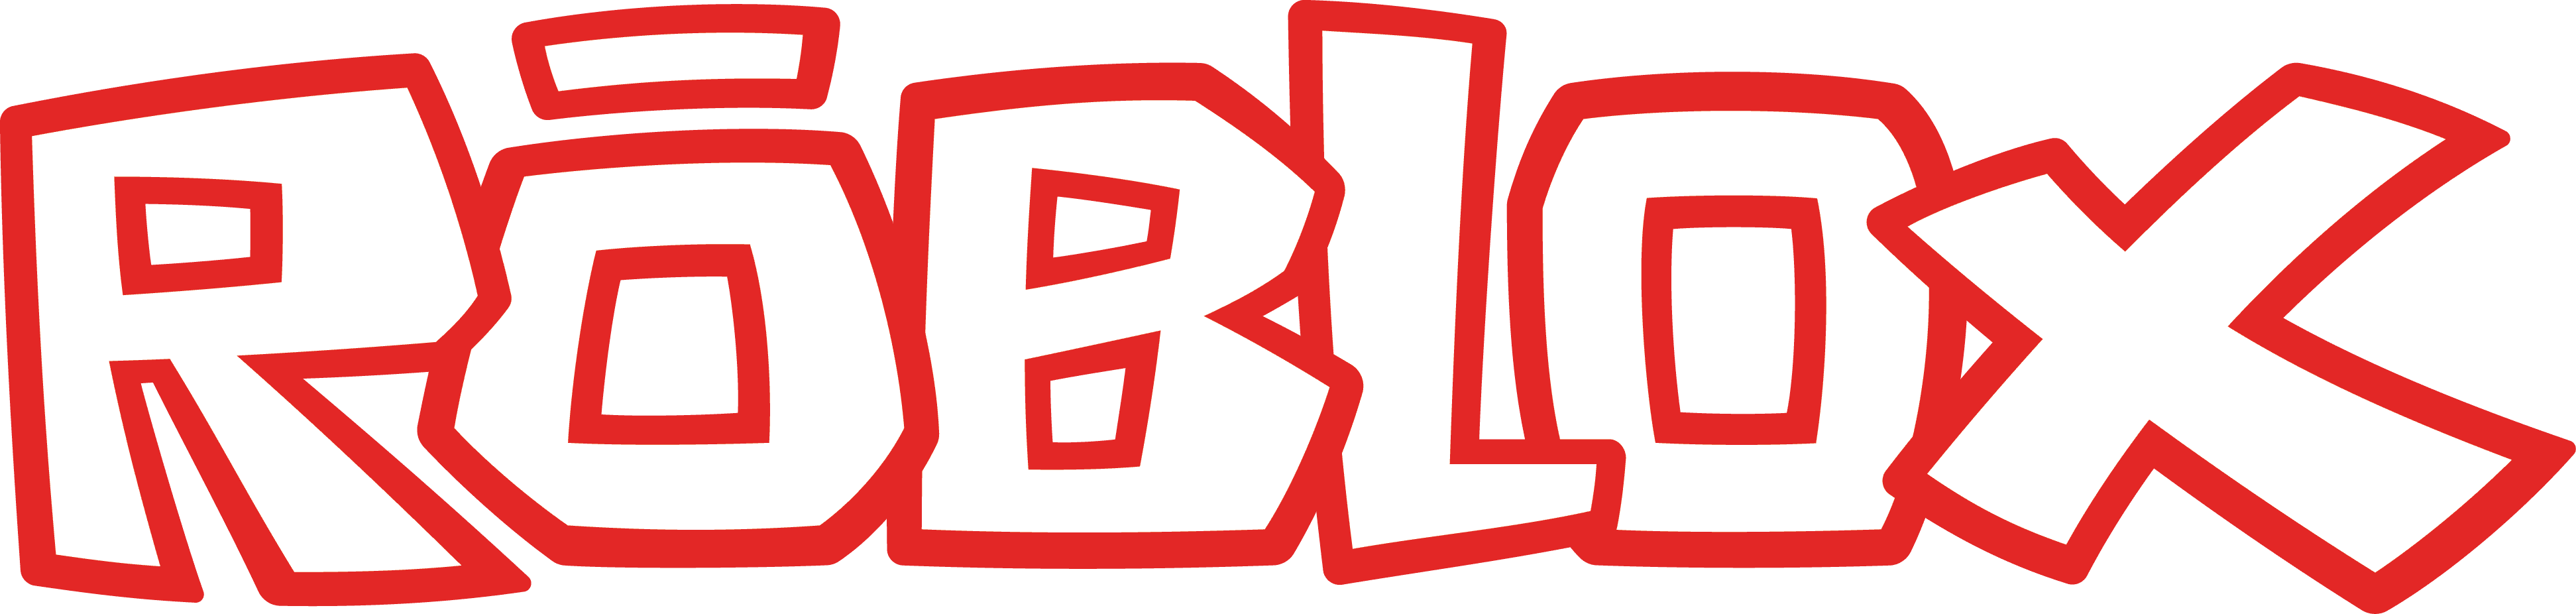 Roblox Logo [PDF] png